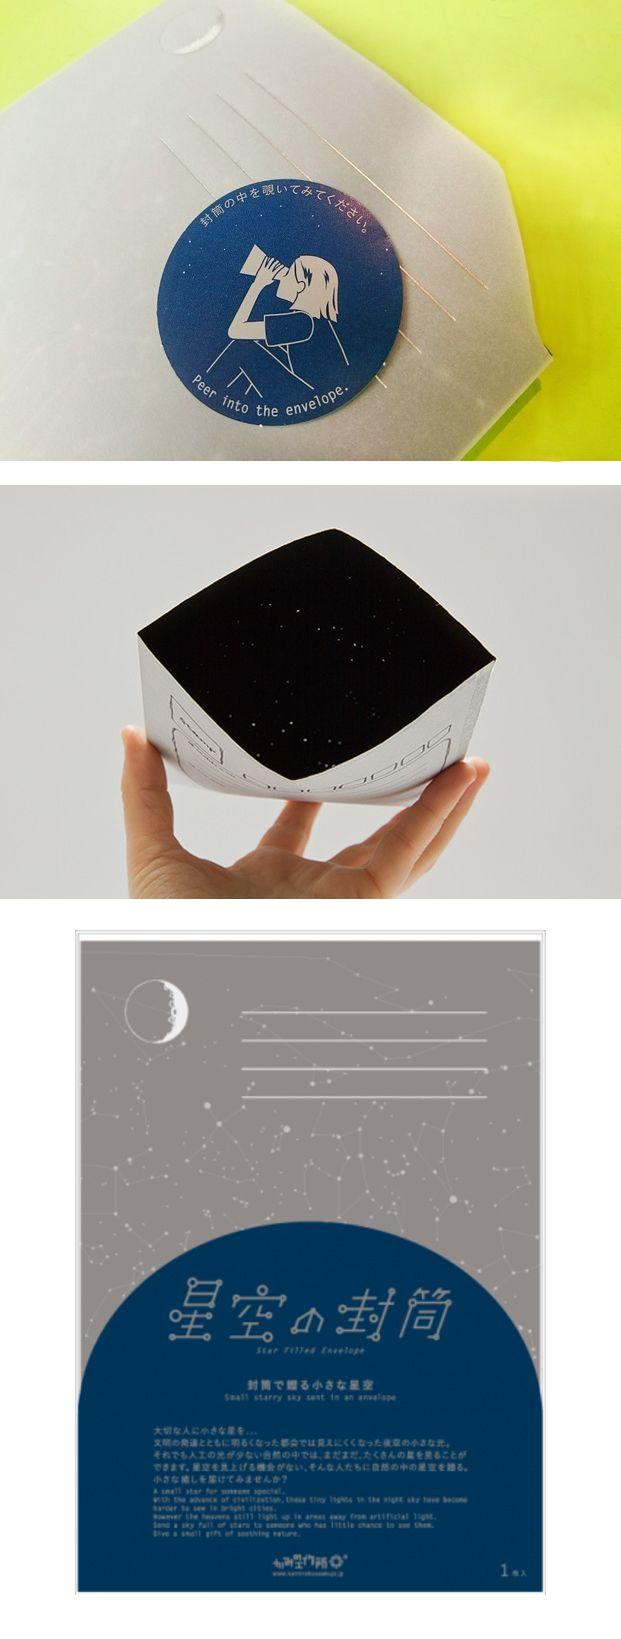 「福永紙工」から発売の「星空の封筒」封筒に細かい穴が空いていて、それが見事な星空となる☆